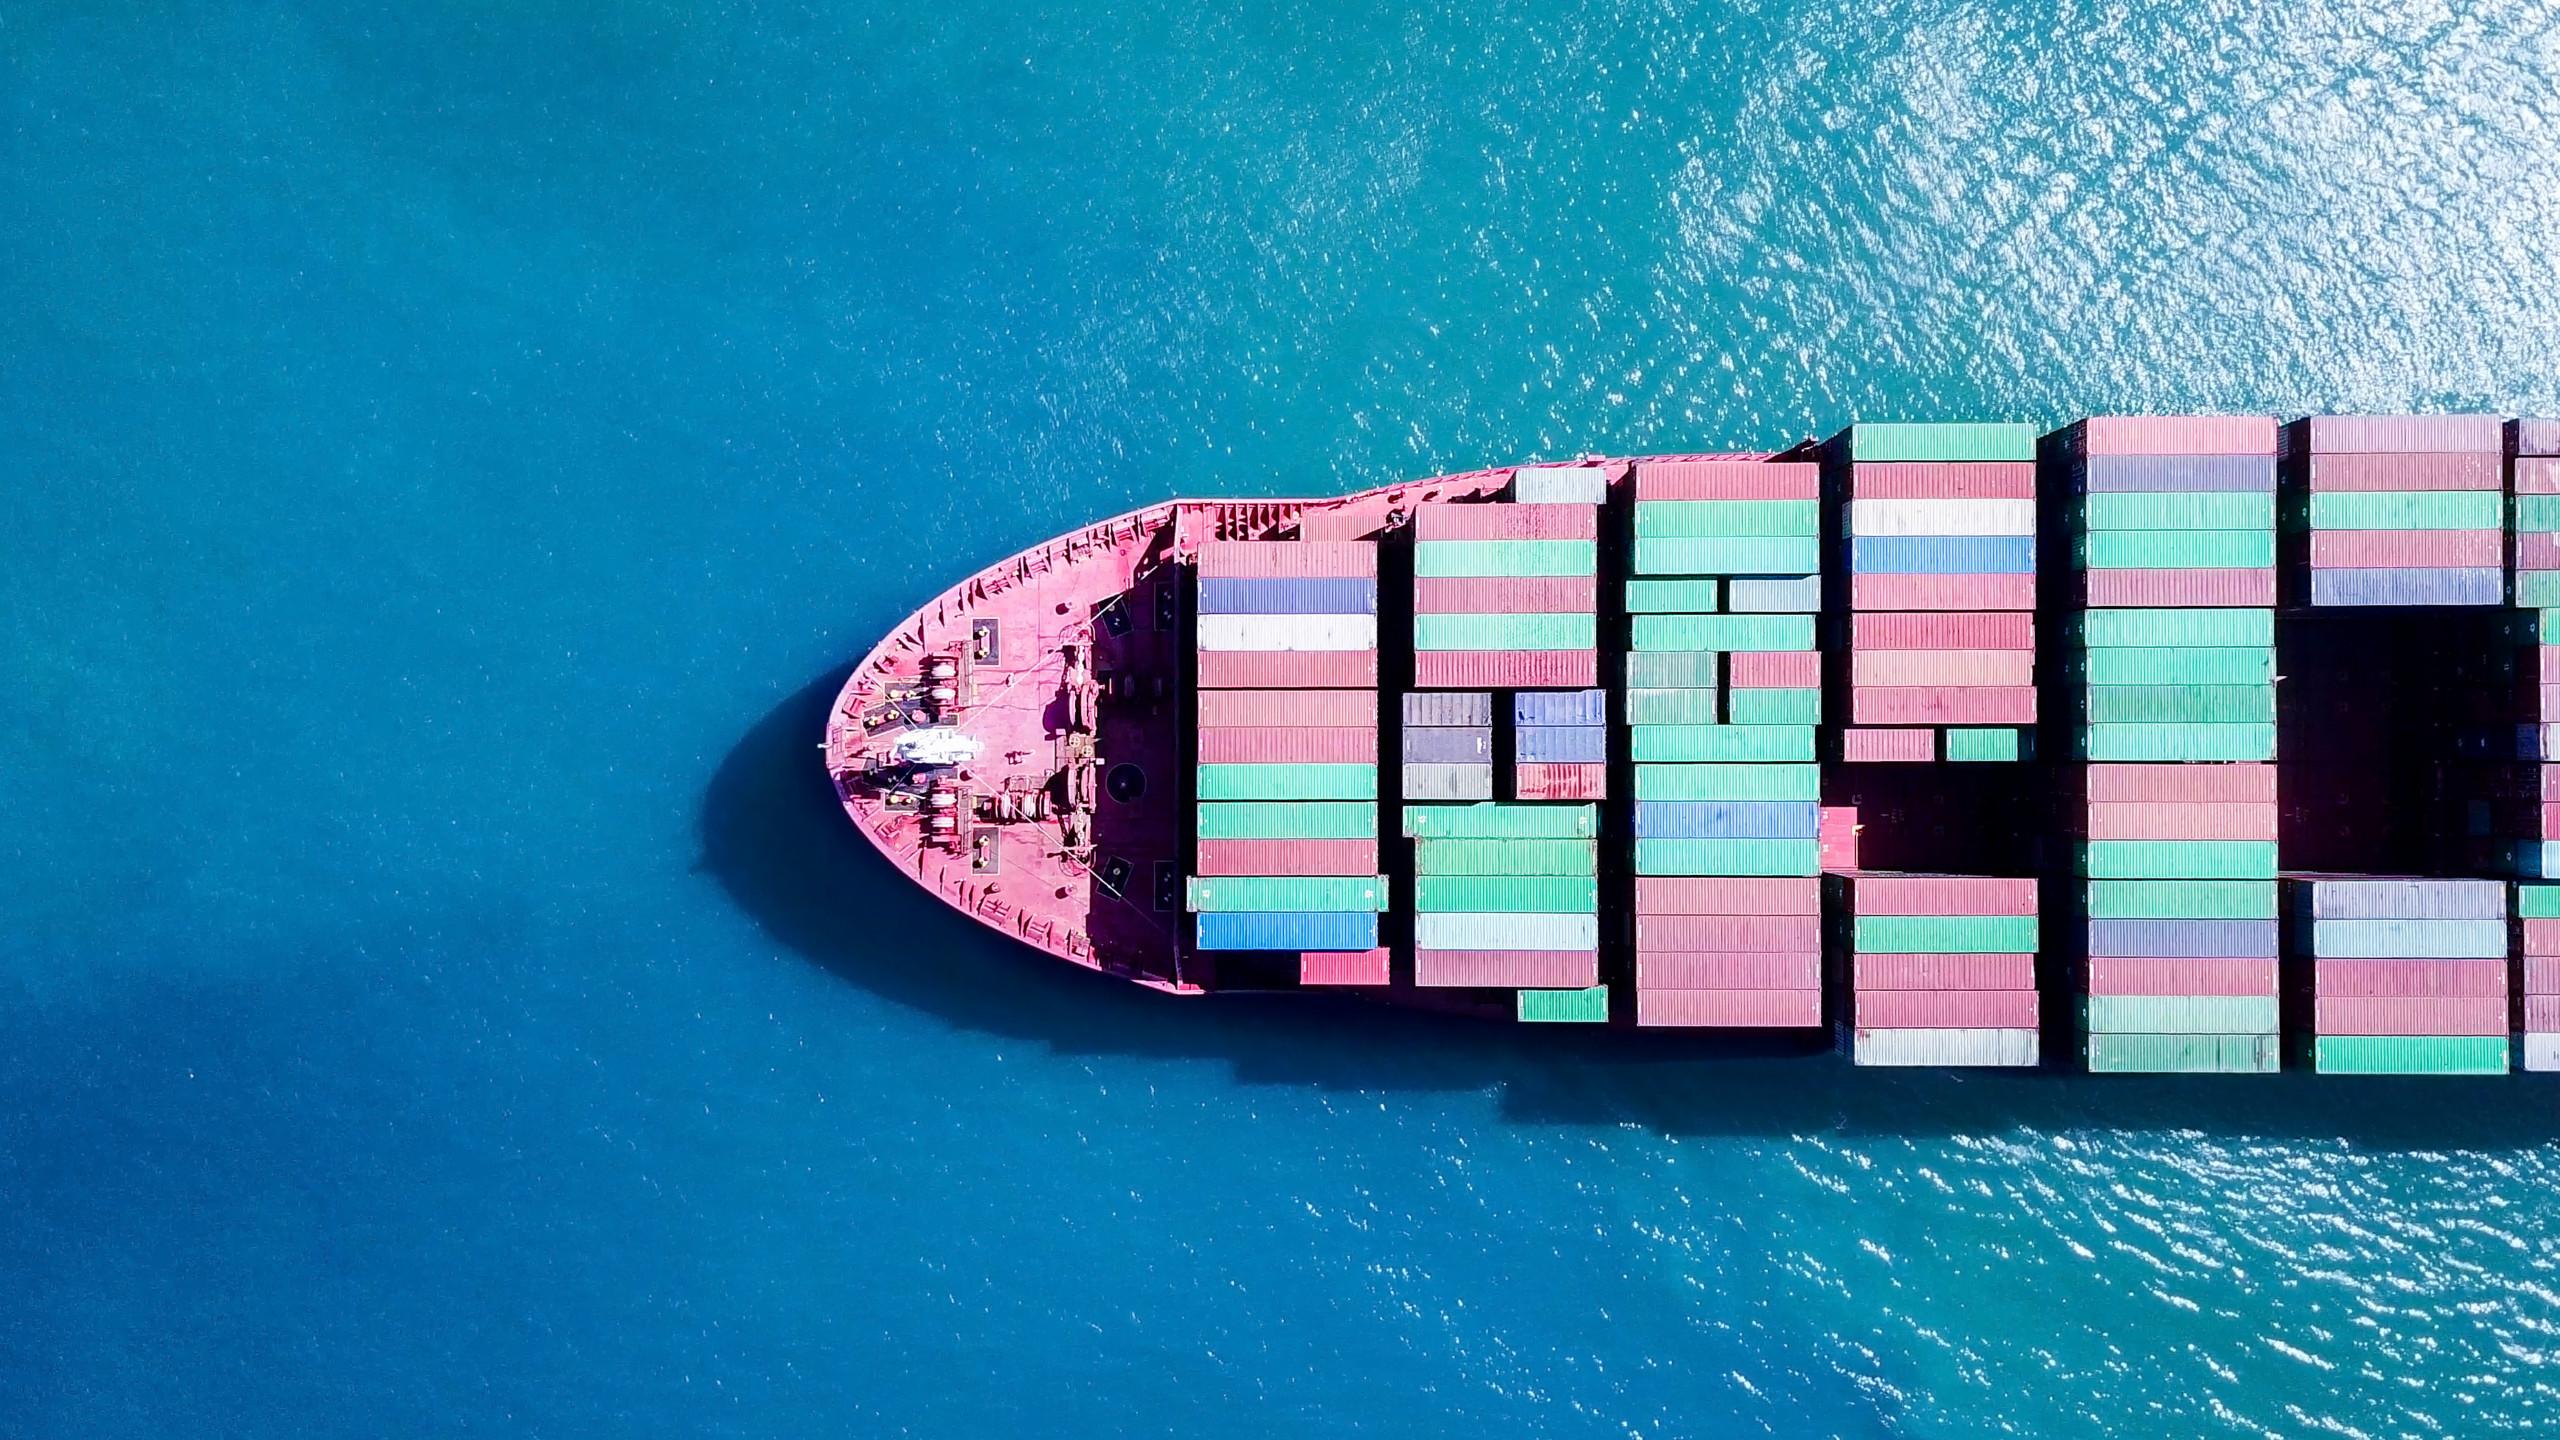 Containerschiff auf dem Weg nach Europa